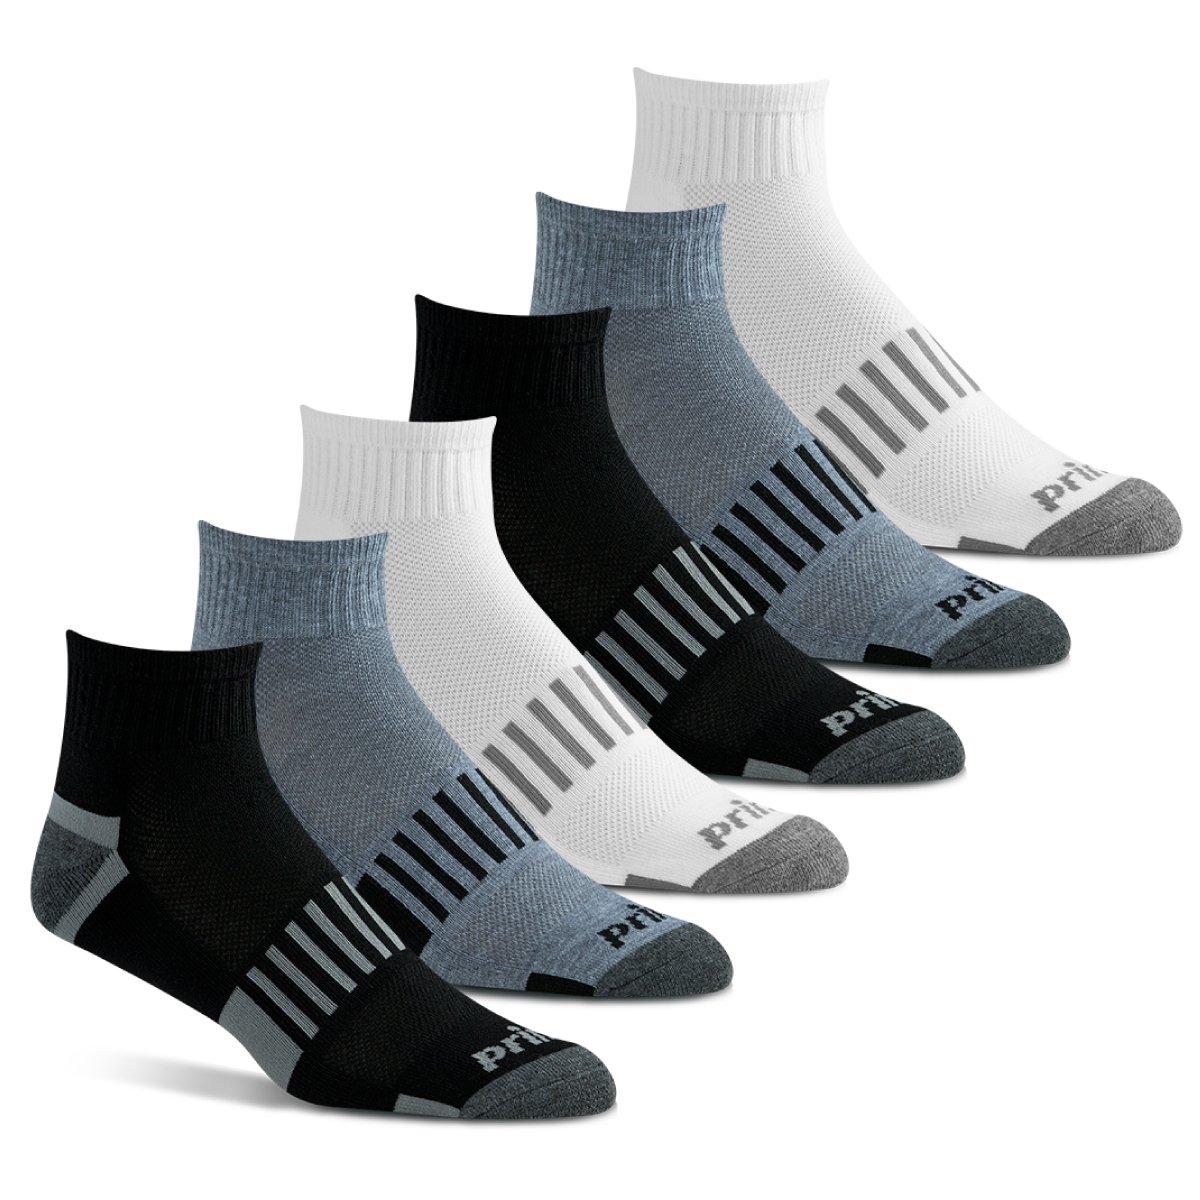 Prince Men's Extended Size Athletic Quarter Socks (6 Pair Pack)